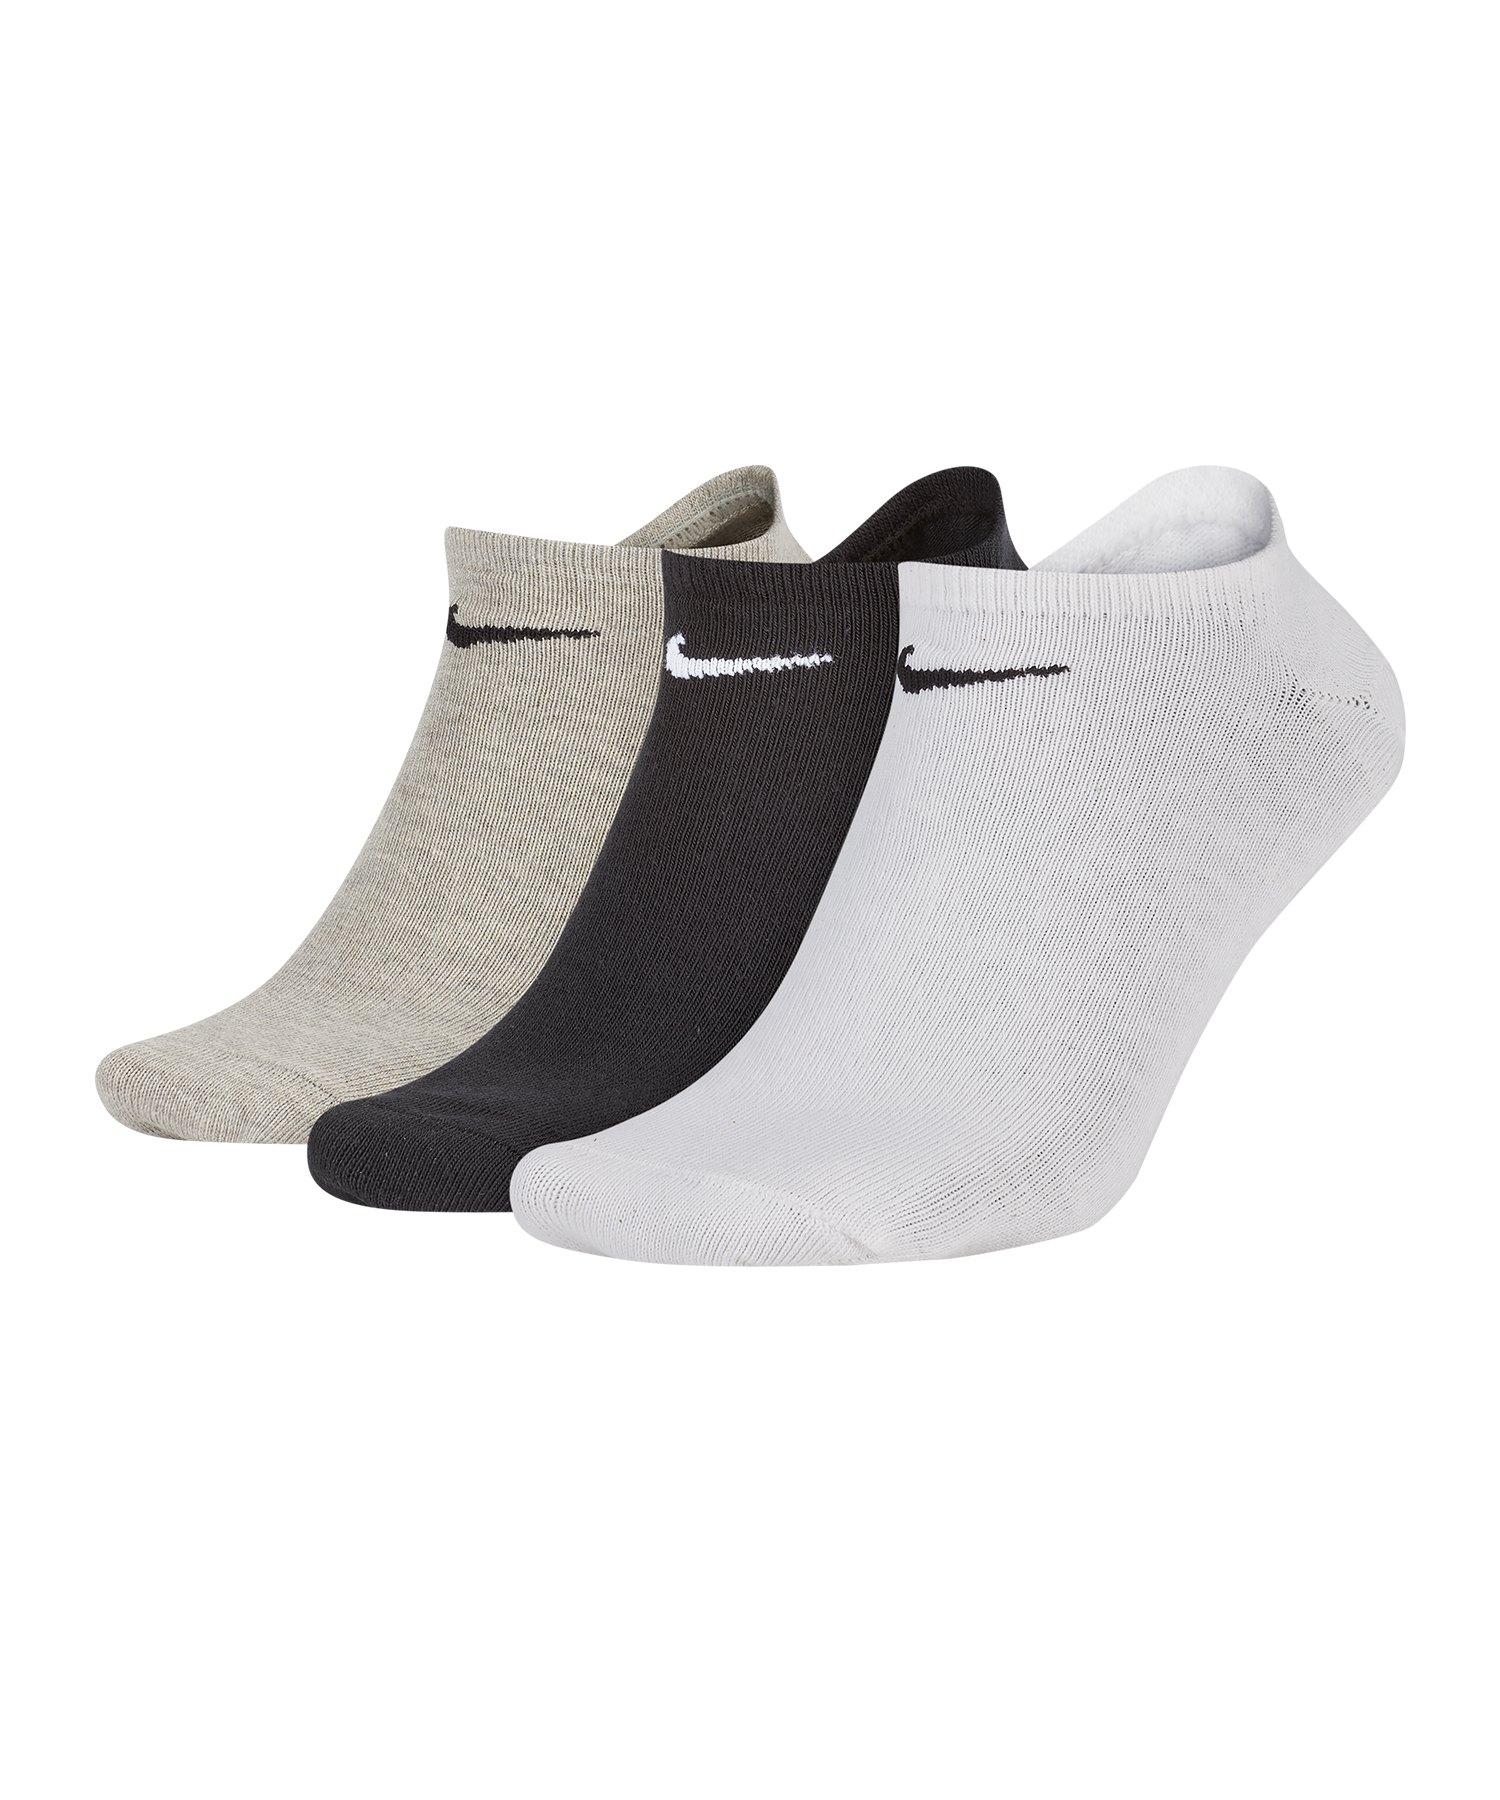 Nike Socken 3er Pack Füsslinge Sneaker F901